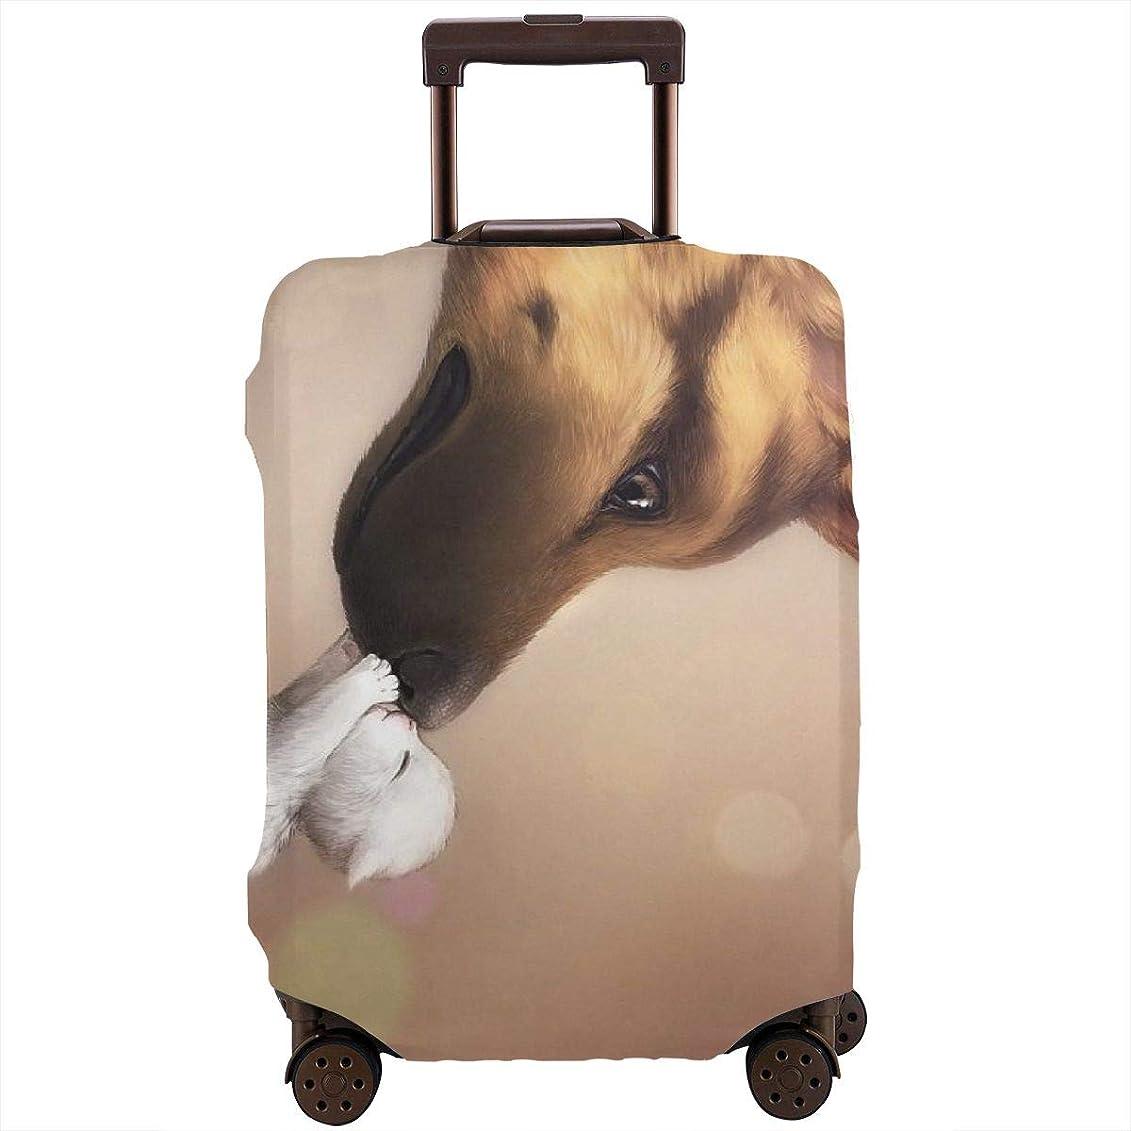 土地飛び込むまっすぐレッドカラー スーツケースカバー ラゲッジカバー キャリーカバー 犬 防塵カバー トランクカバー 旅行用品 トラベルダストカバー